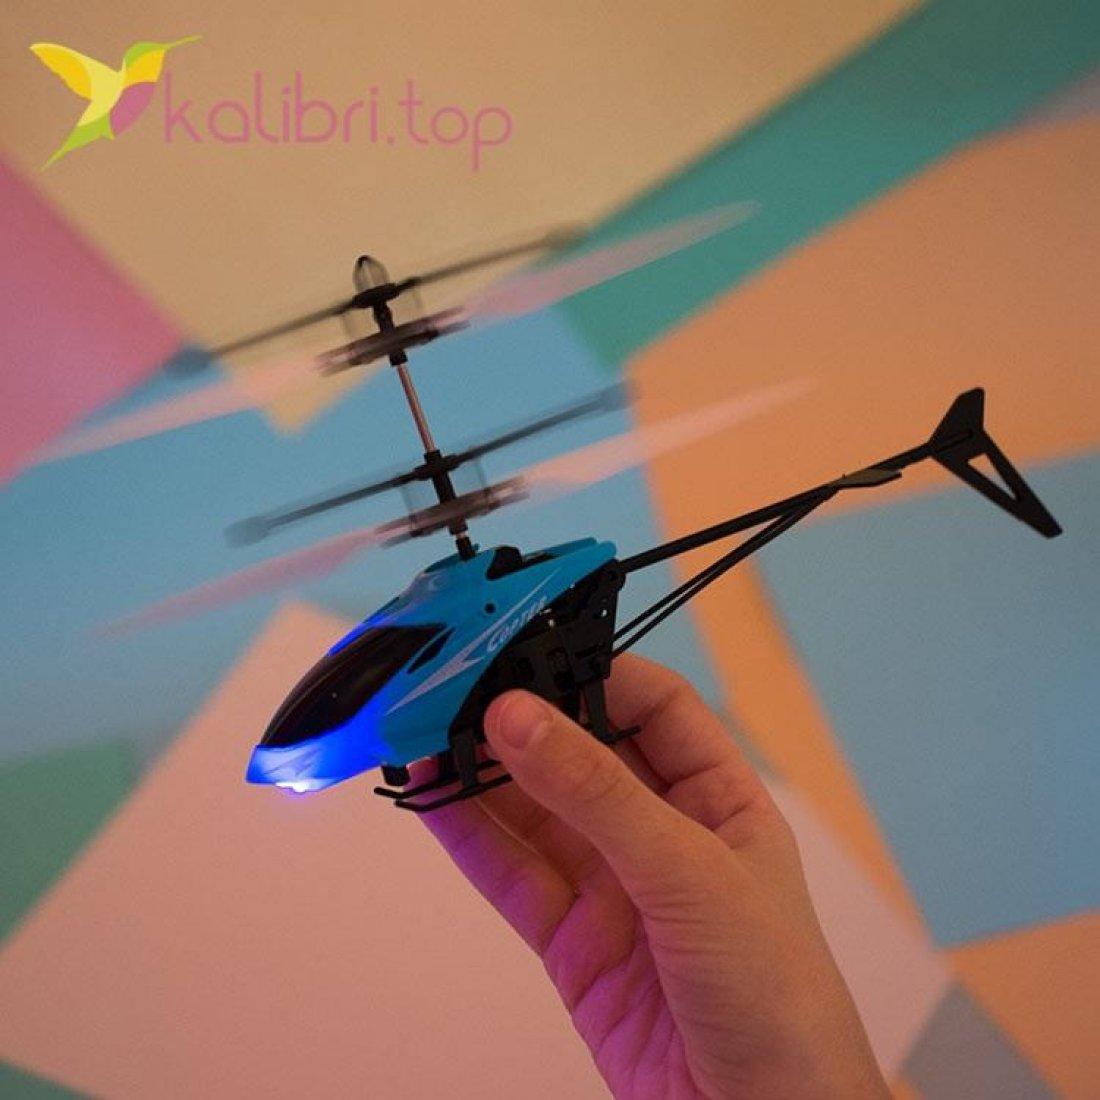 Летающая игрушка вертолет голубой оптом фото 799